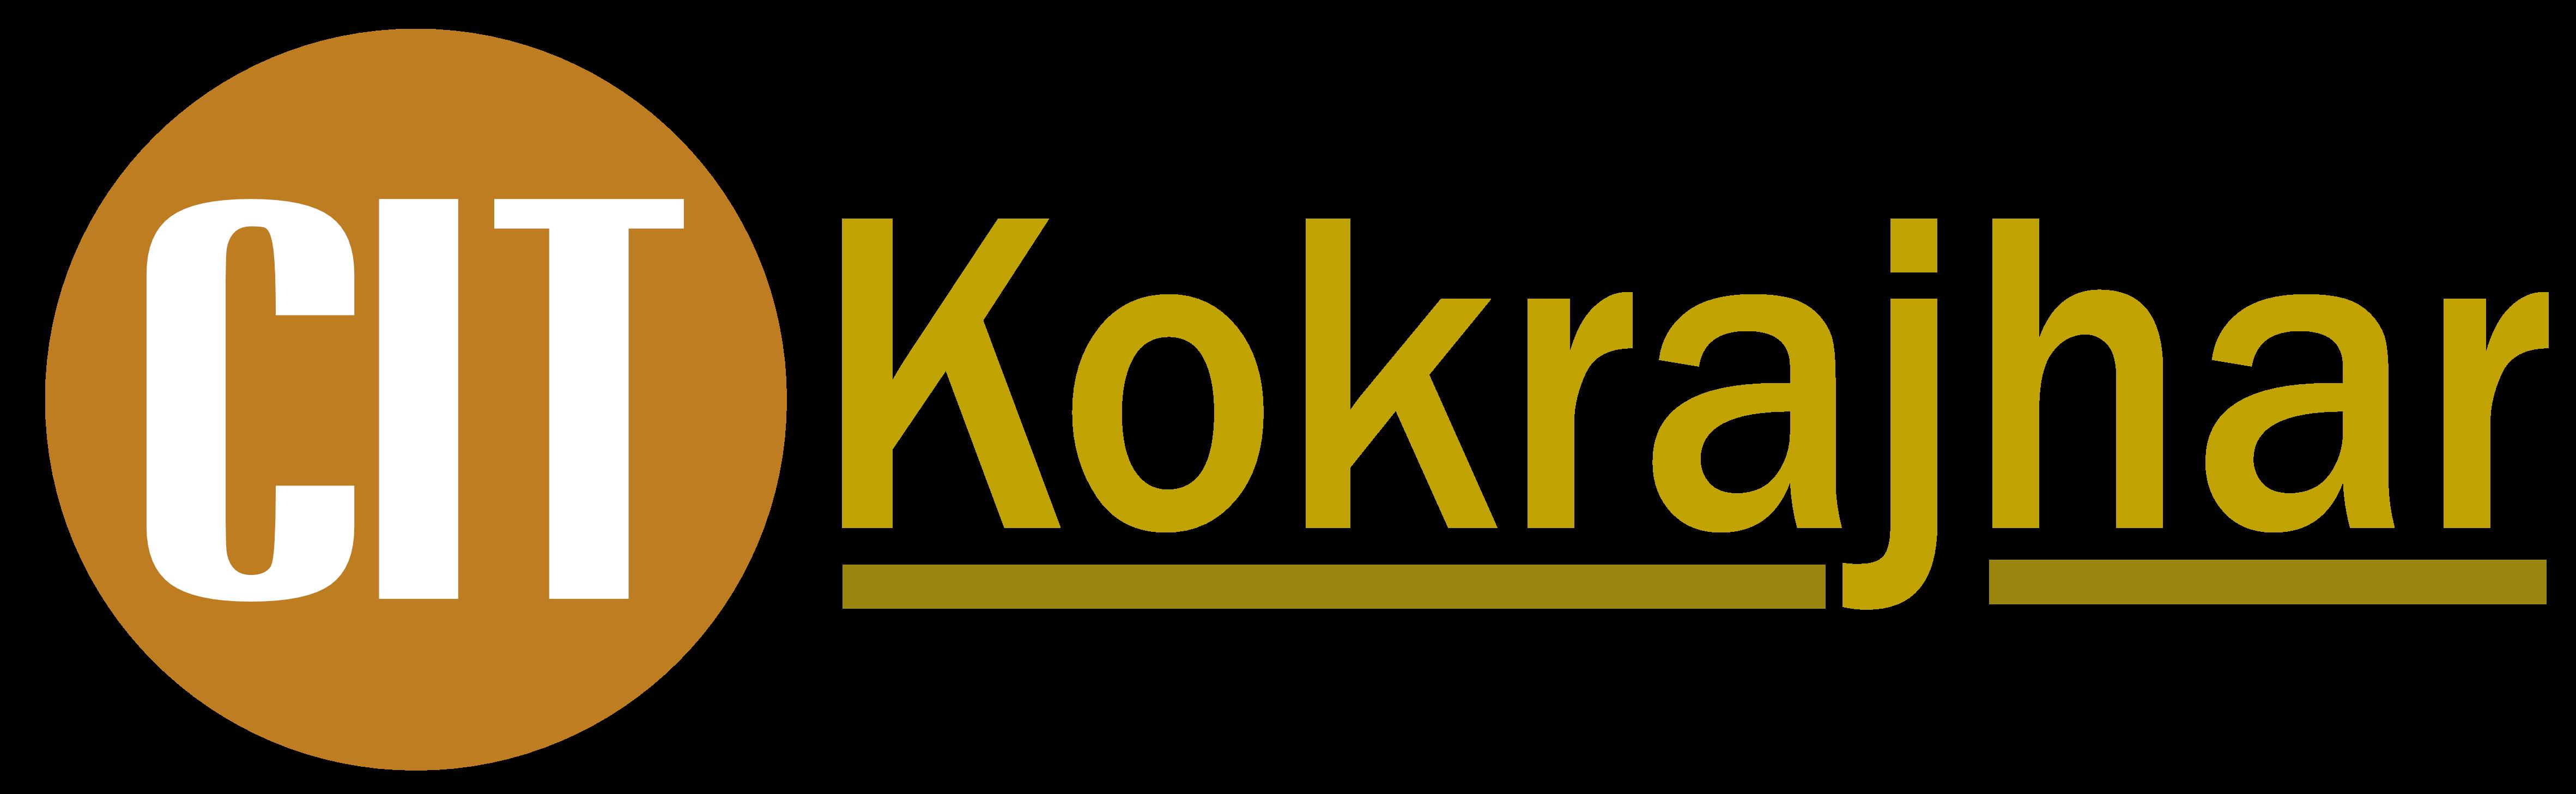 CIT Kokrajhar